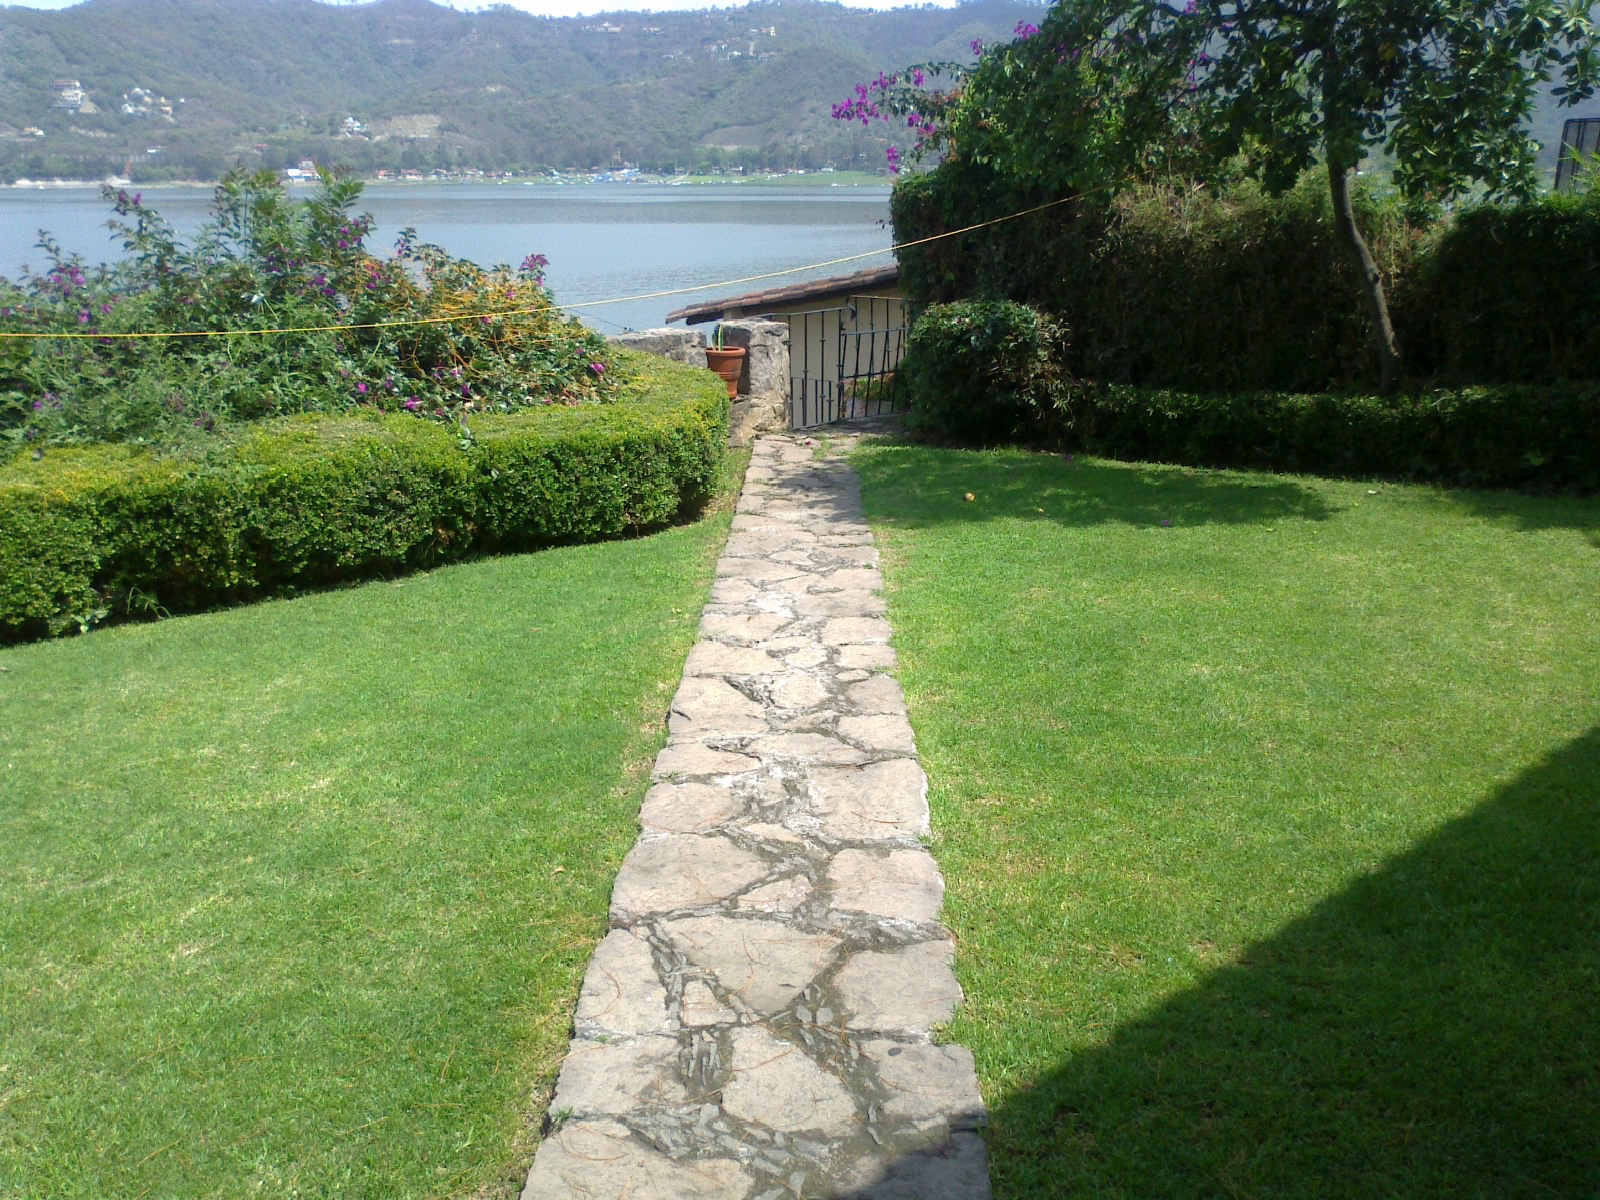 Baño Con Vista Al Jardin:Casa con Acceso espactacular con vista a la laguna, 350 m2 de Terreno